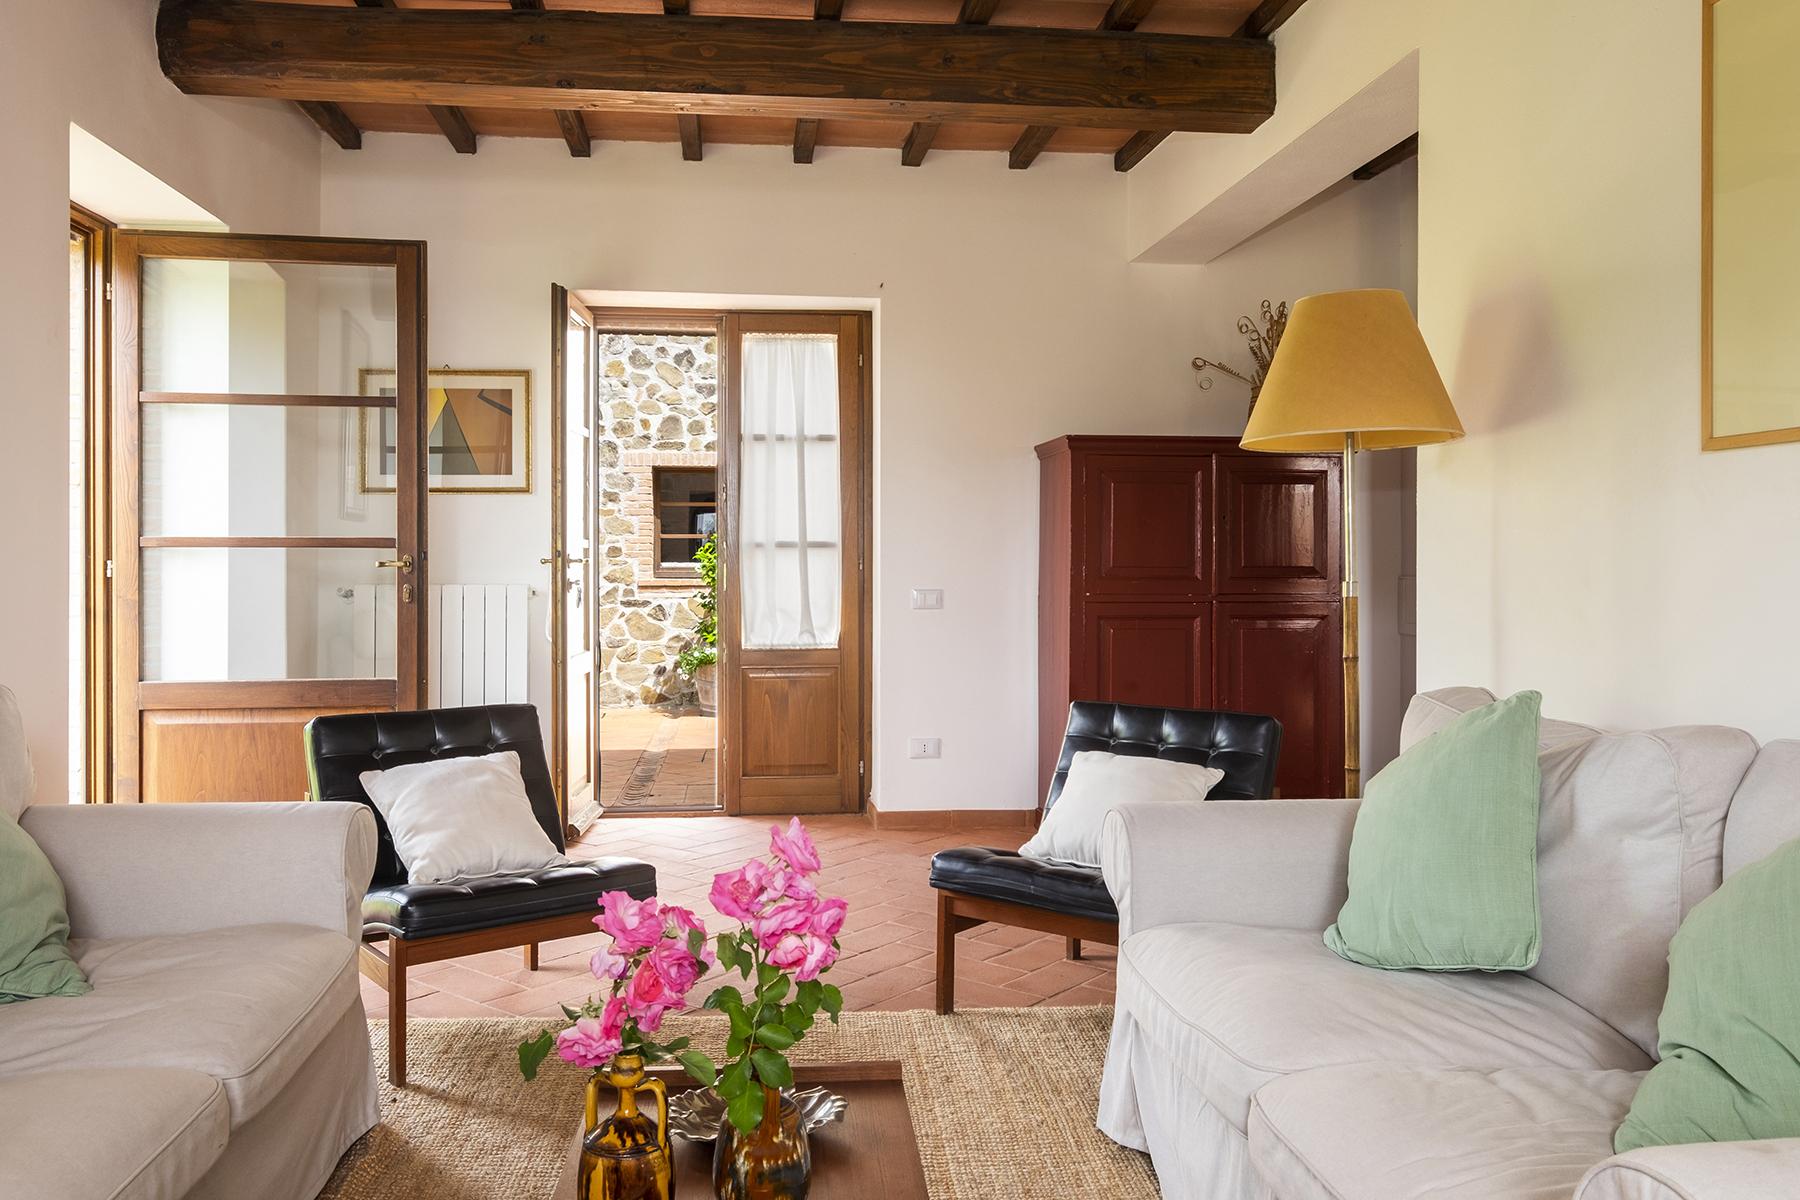 Appartamento in Vendita a Scansano: 5 locali, 129 mq - Foto 6